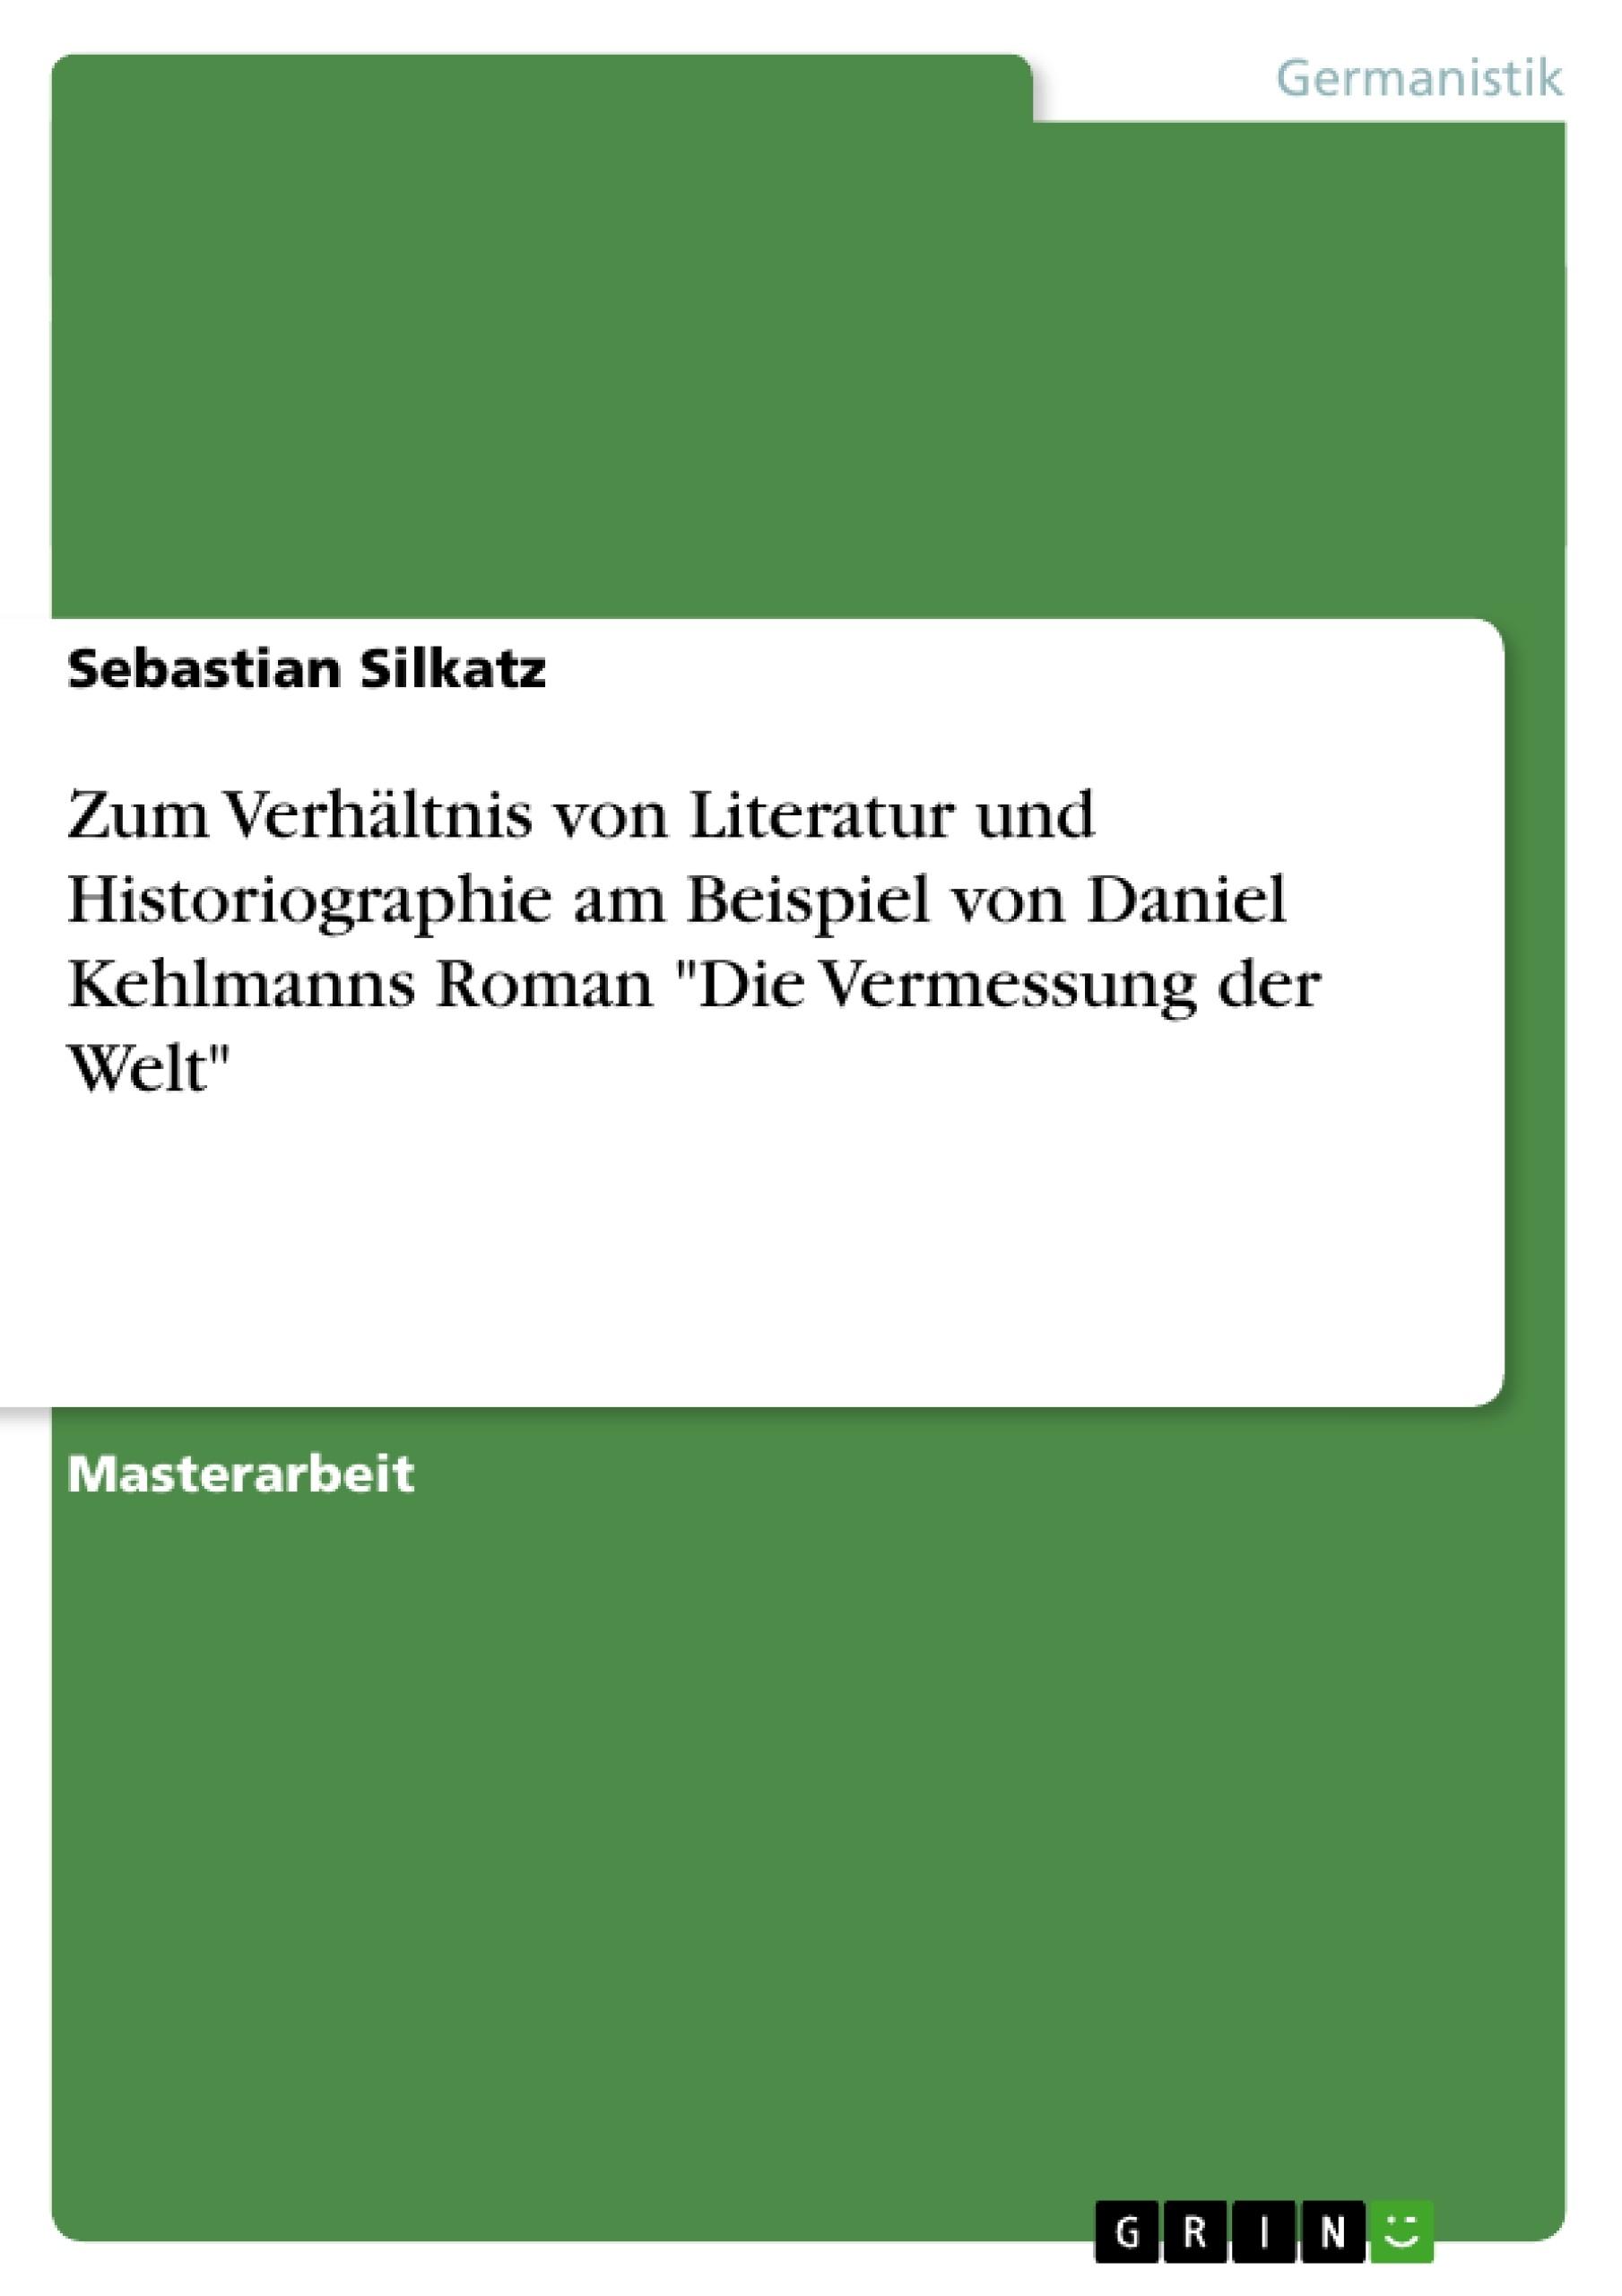 Wunderbar Beispiele Des Lehrers Werden In Wort Fortgesetzt Galerie ...